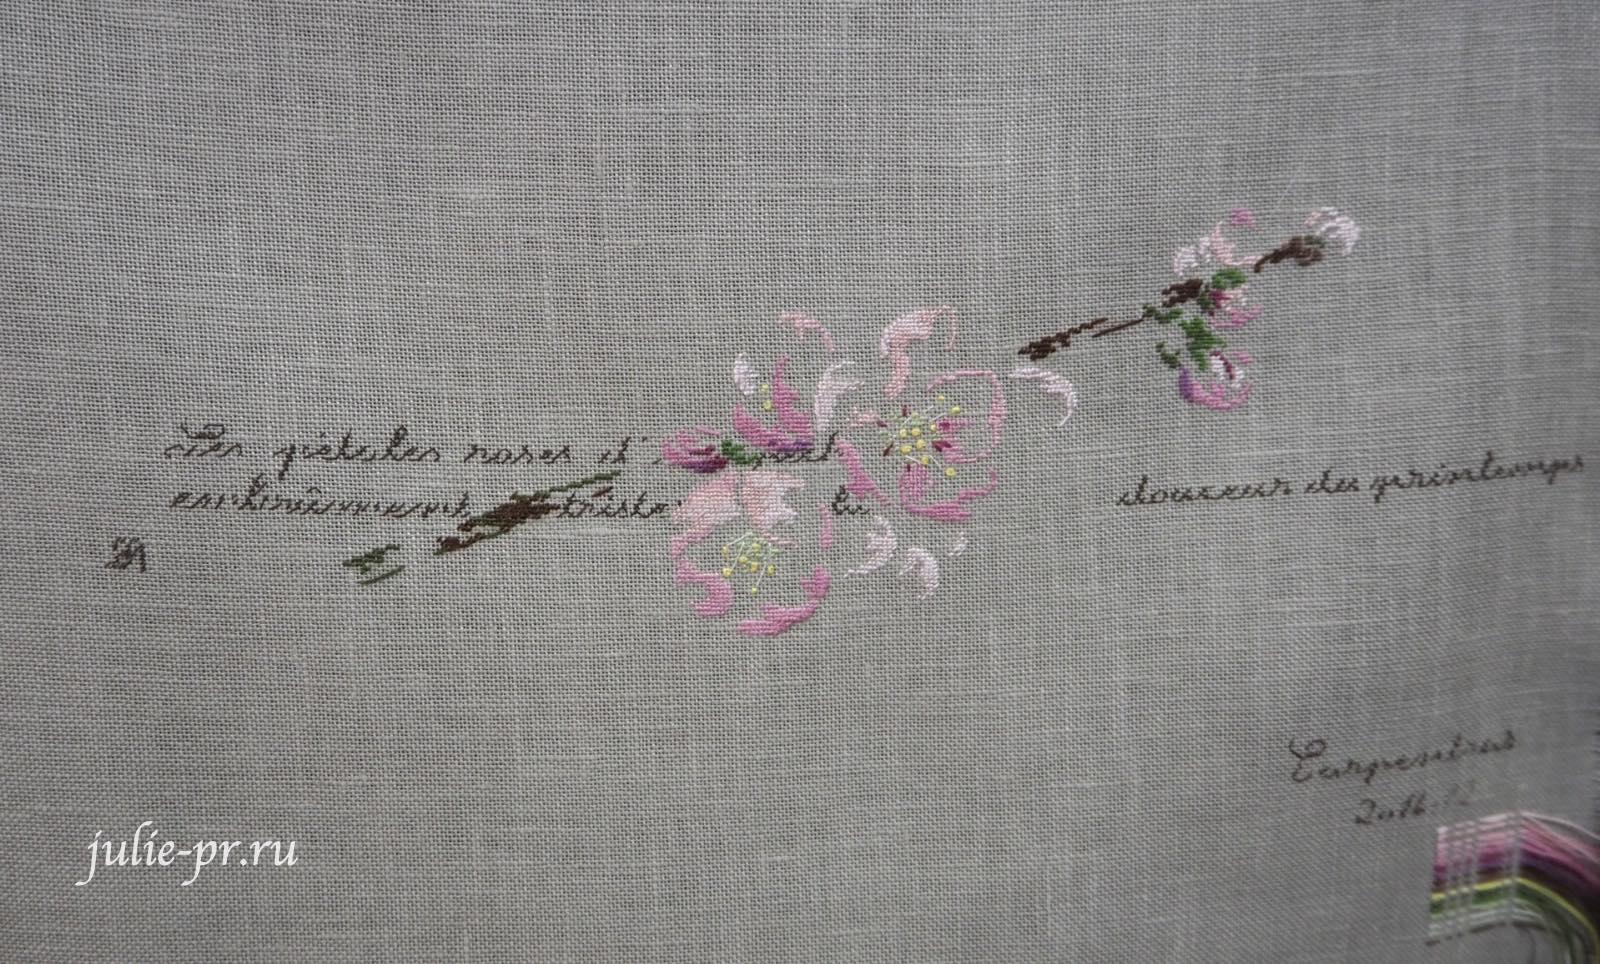 Marie-Therese Saint-Aubin (MTSA), книгаMerveilleuse nature au point de croix, Fleur de pecher, вышивка крестом